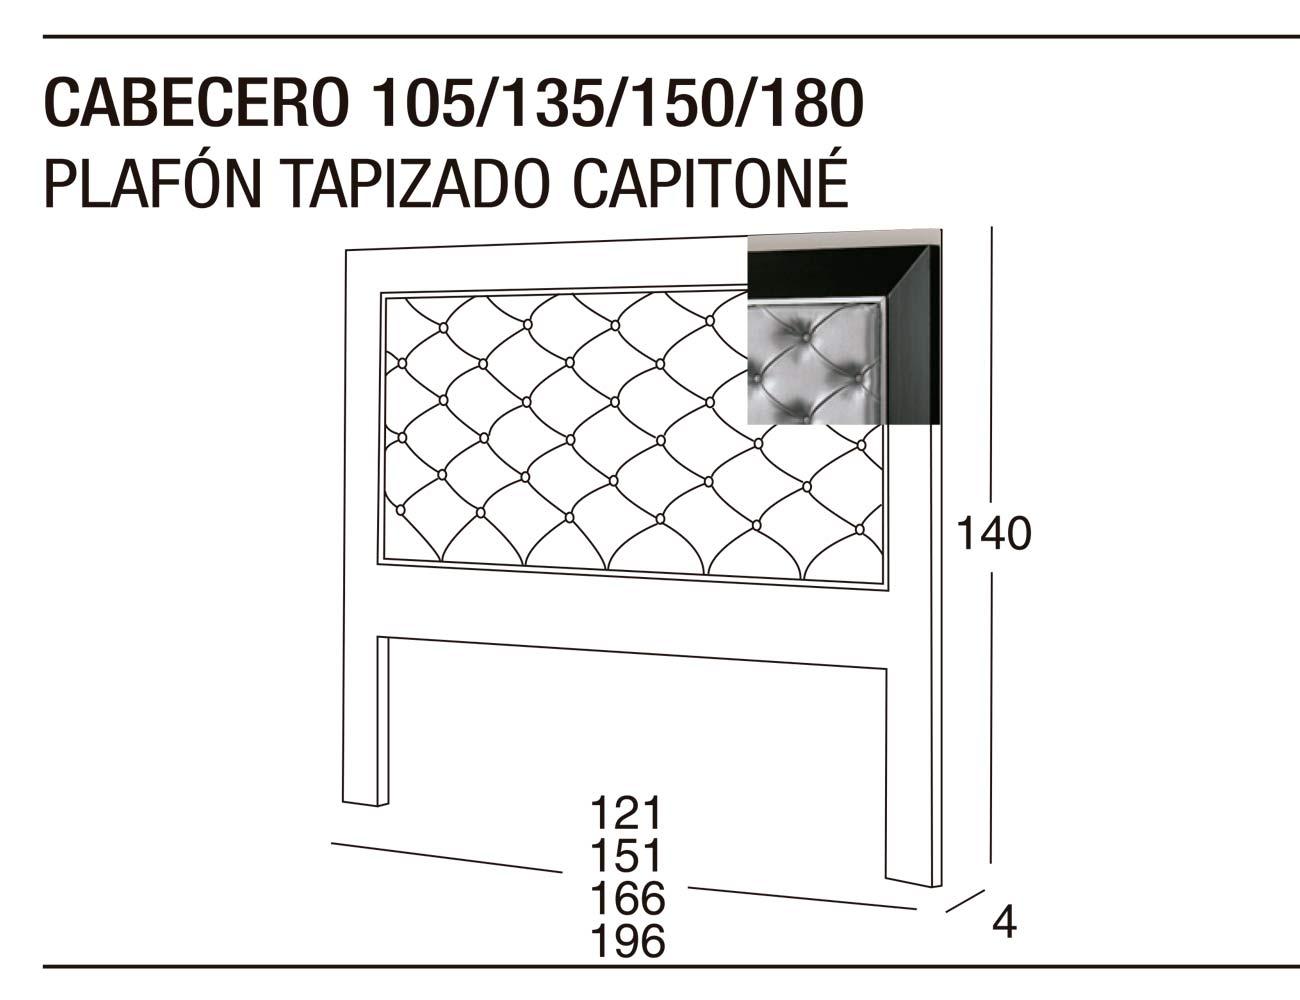 Cabecero 135x150 plafon tapizado1